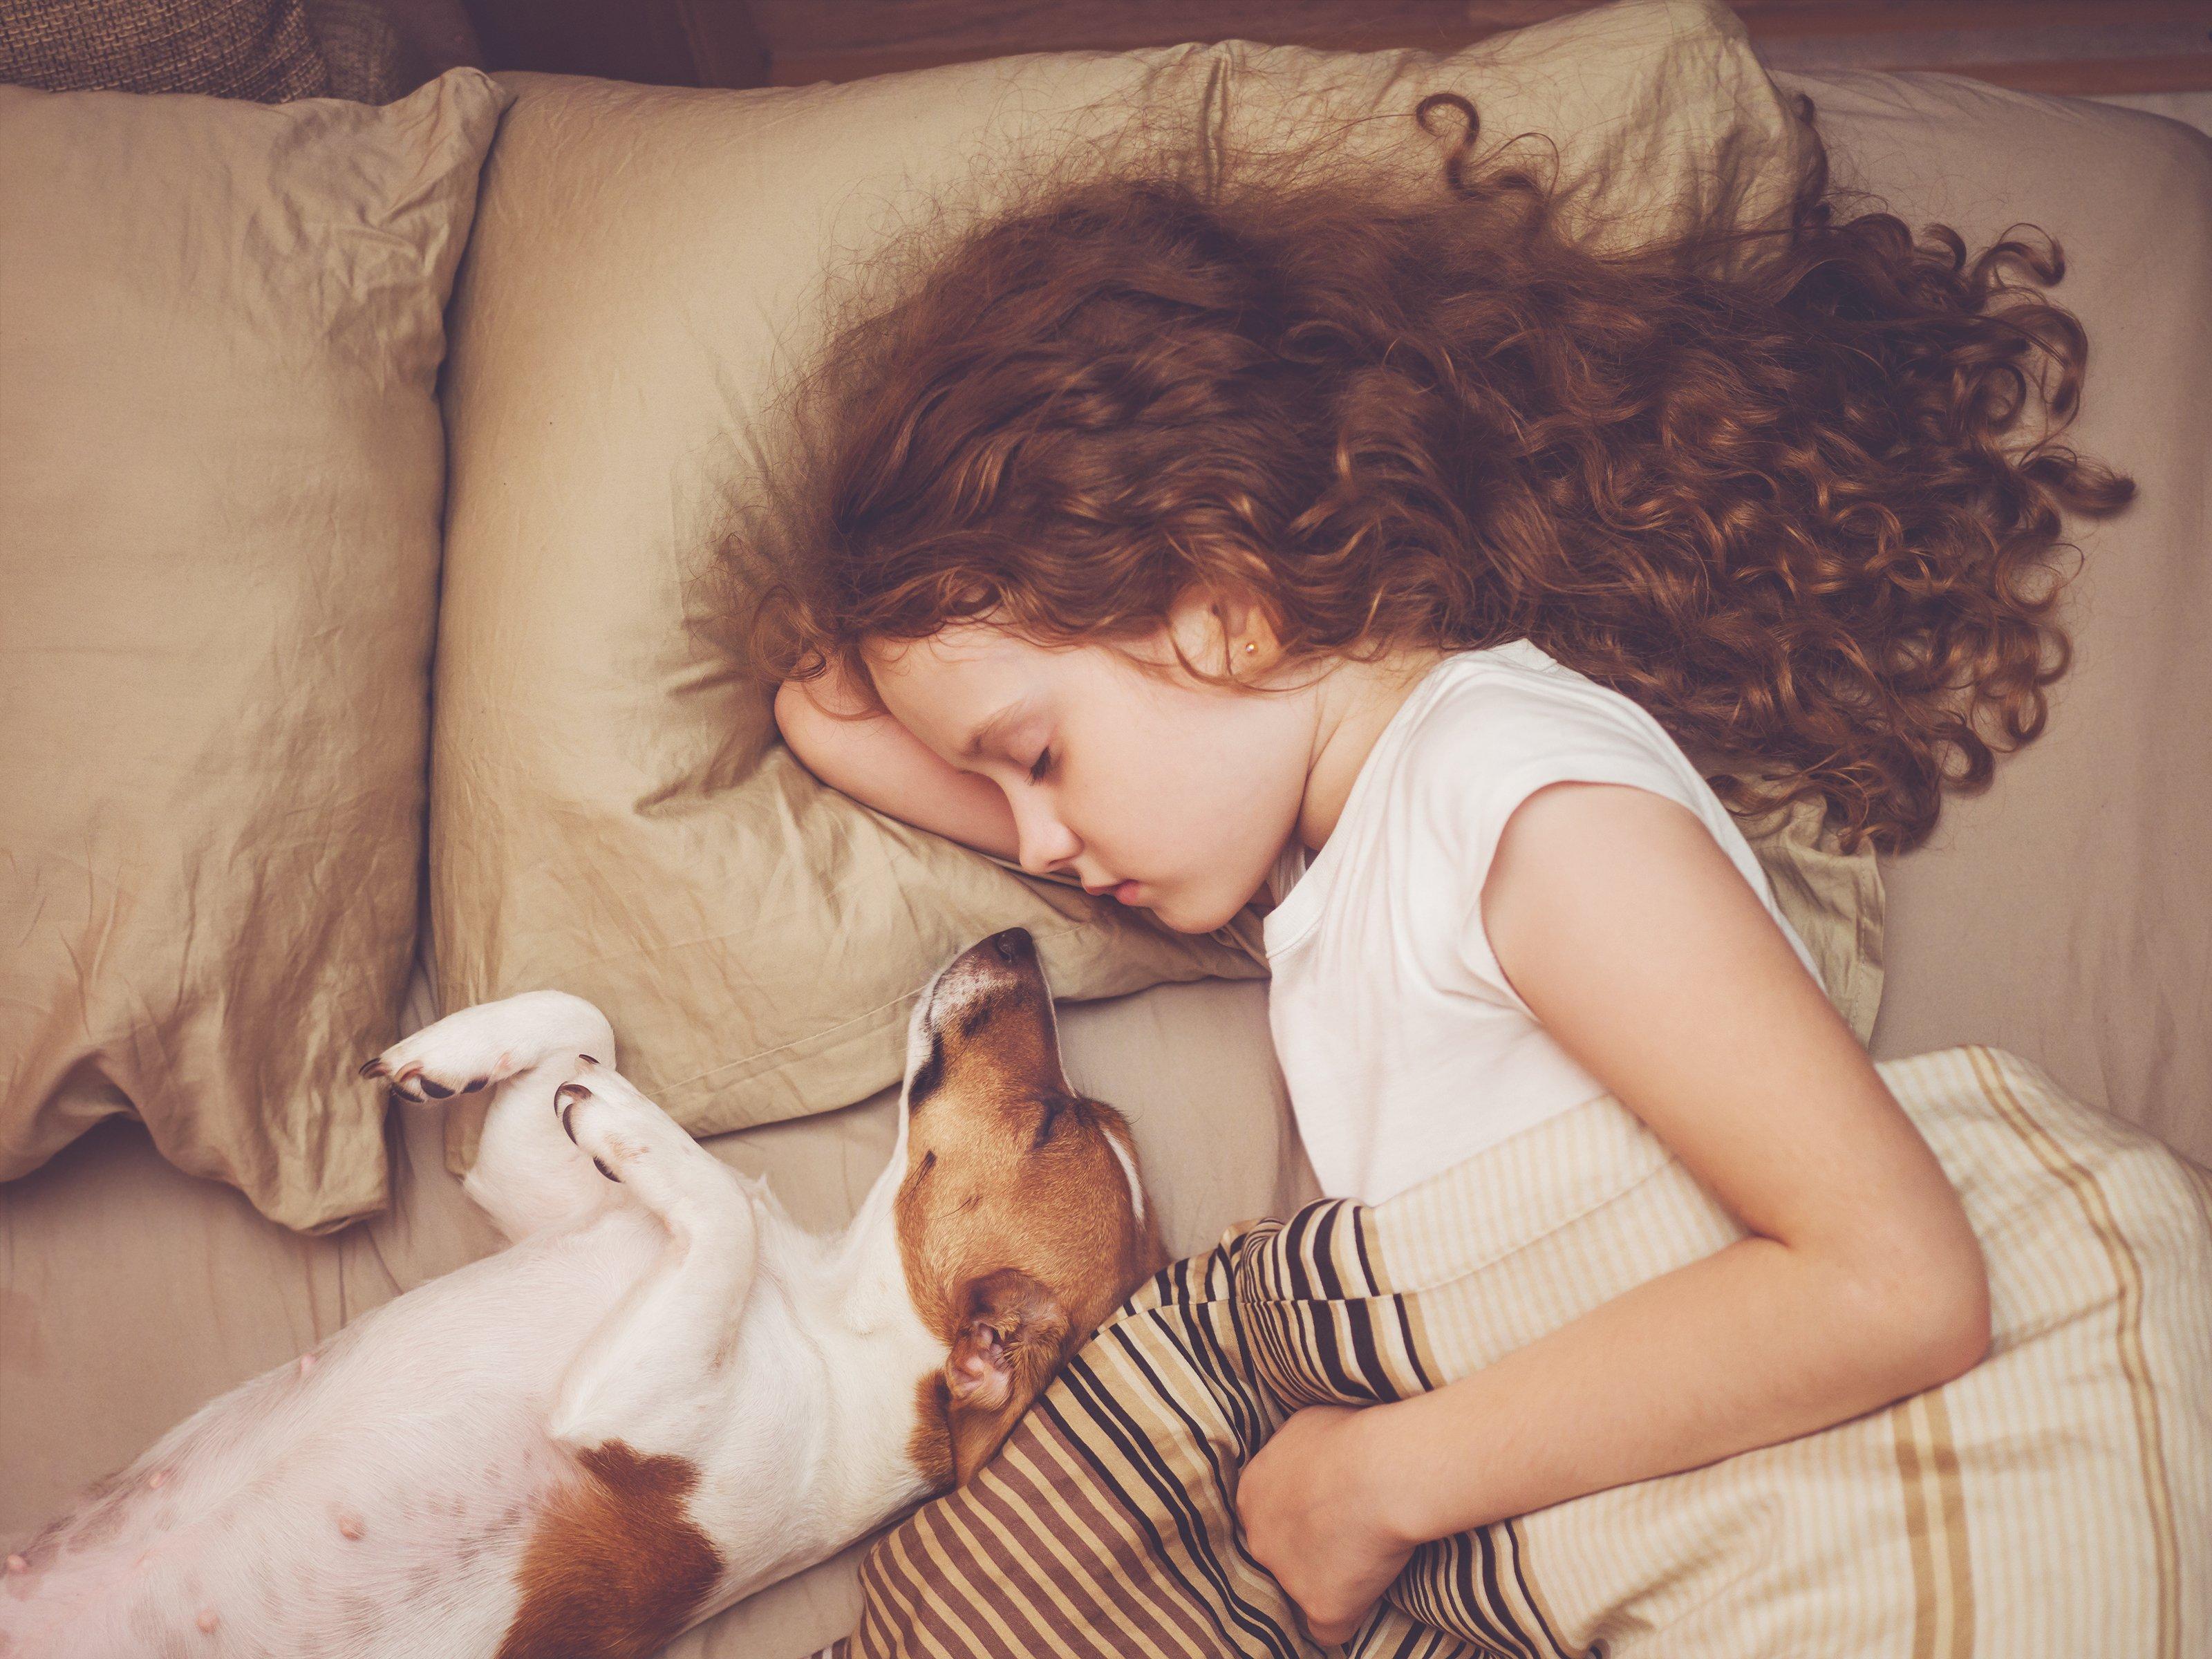 Niña con perro abrazada en la cama. Fuente: Shutterstock